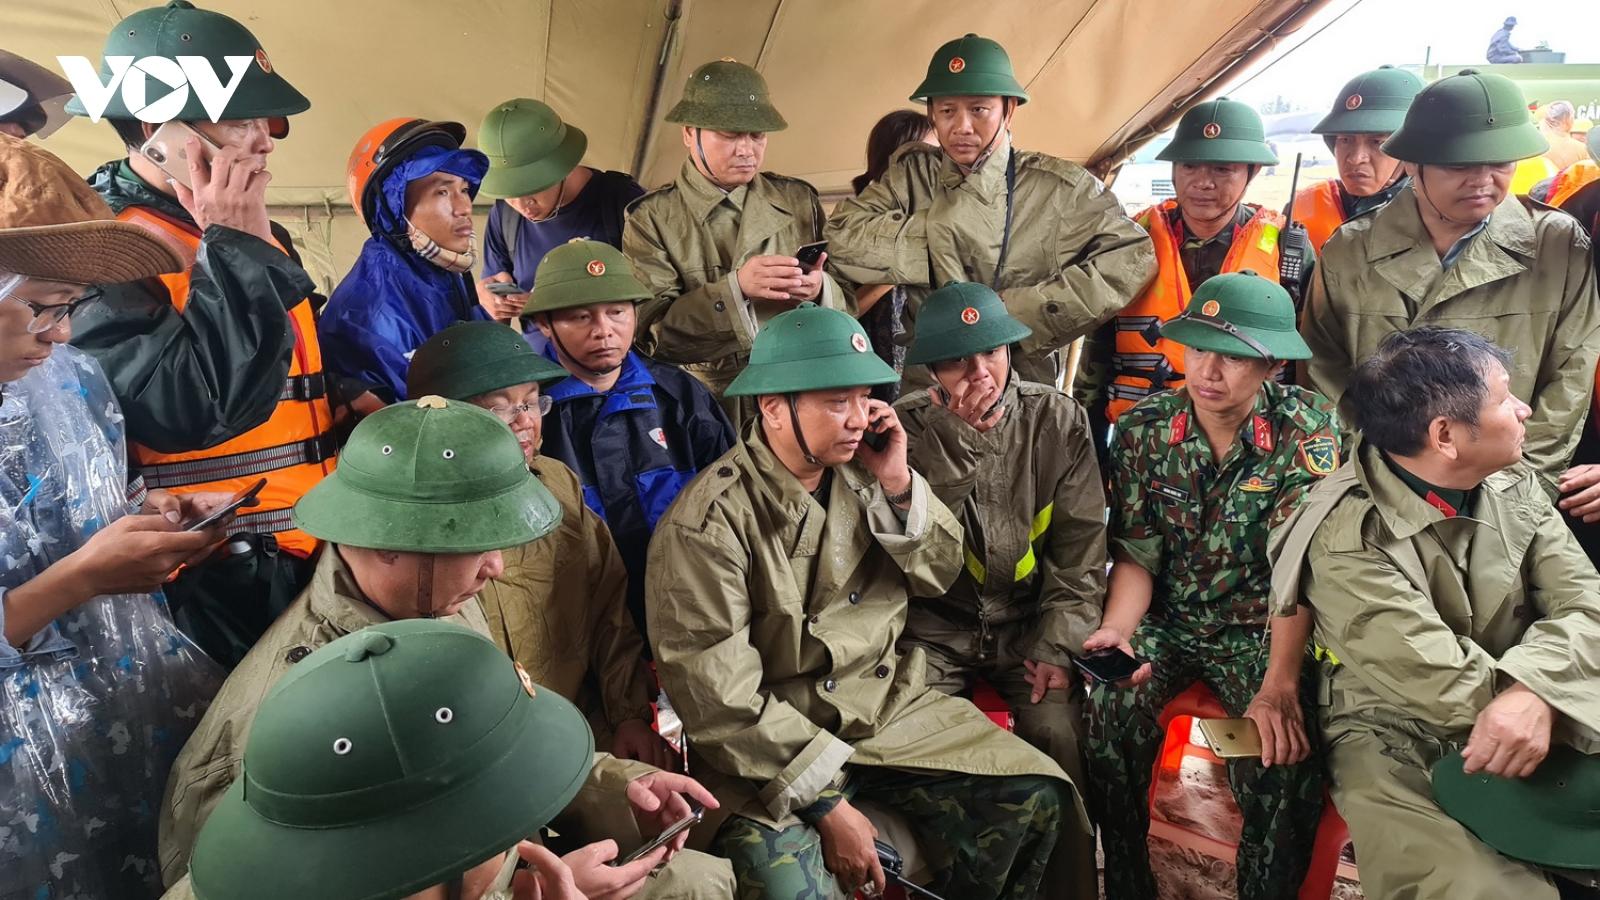 8 cơn bão đổ vào miền Trung: Quân đội cùng dân vượt qua gian khó